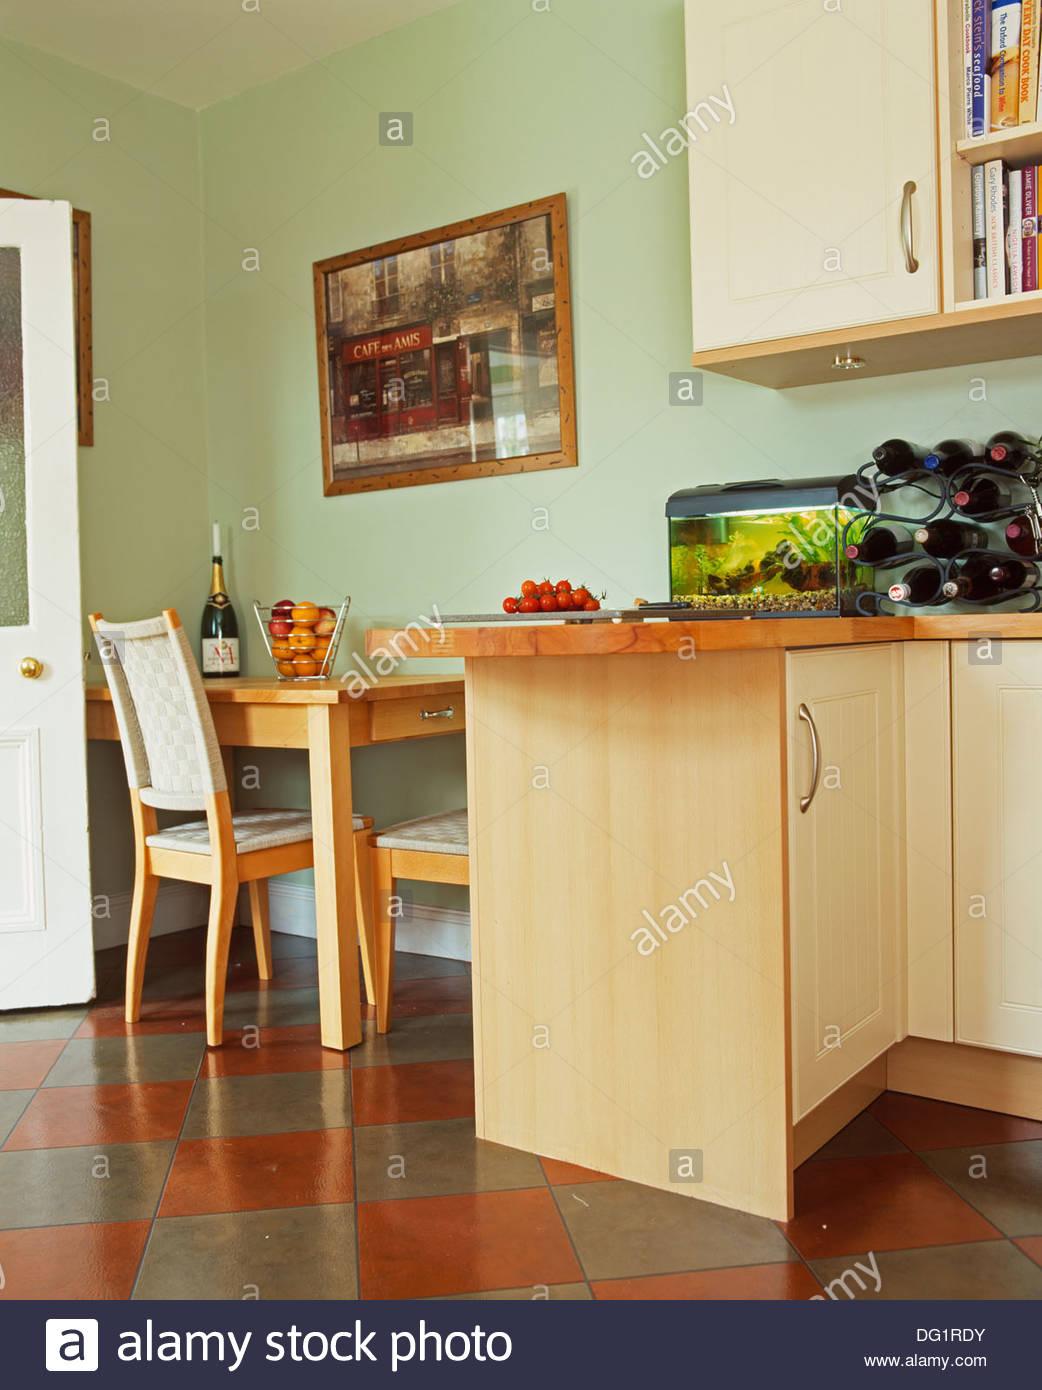 Full Size of Vinylboden Küche Grau Landküche Aufbewahrungssystem Teppich Für Gebrauchte Winkel Wasserhahn Ohne Oberschränke Inselküche Edelstahlküche Moderne Wohnzimmer Vinylboden Küche Grau